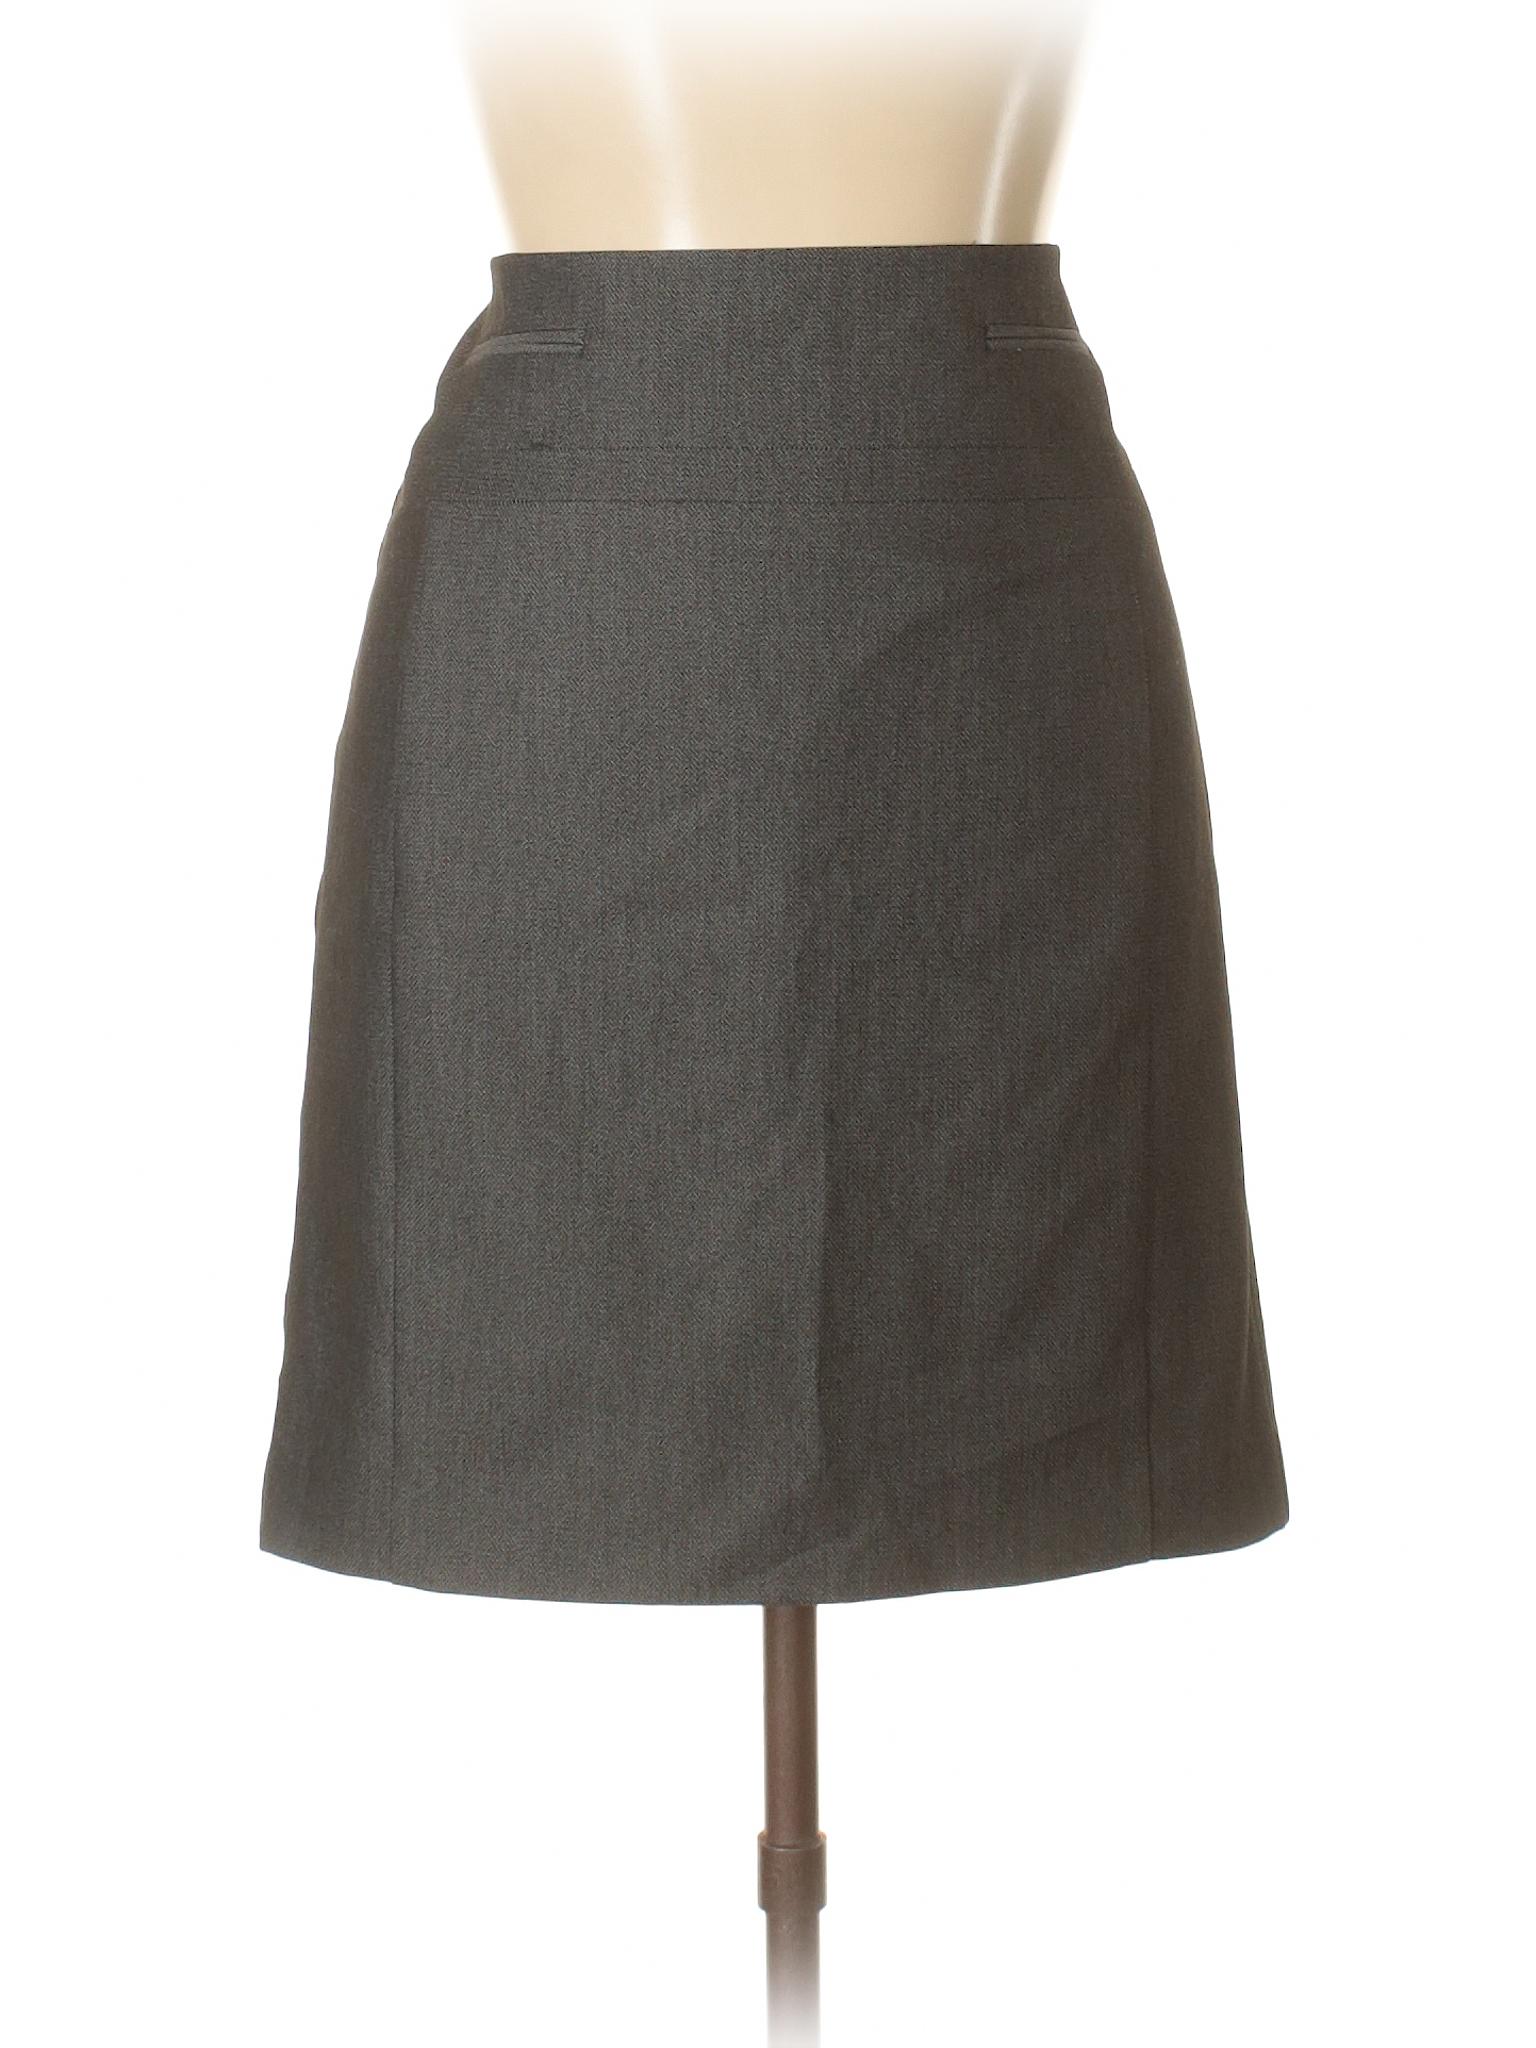 Express Skirt Skirt Boutique Express Formal Formal Express Boutique Formal Boutique Pnqz0